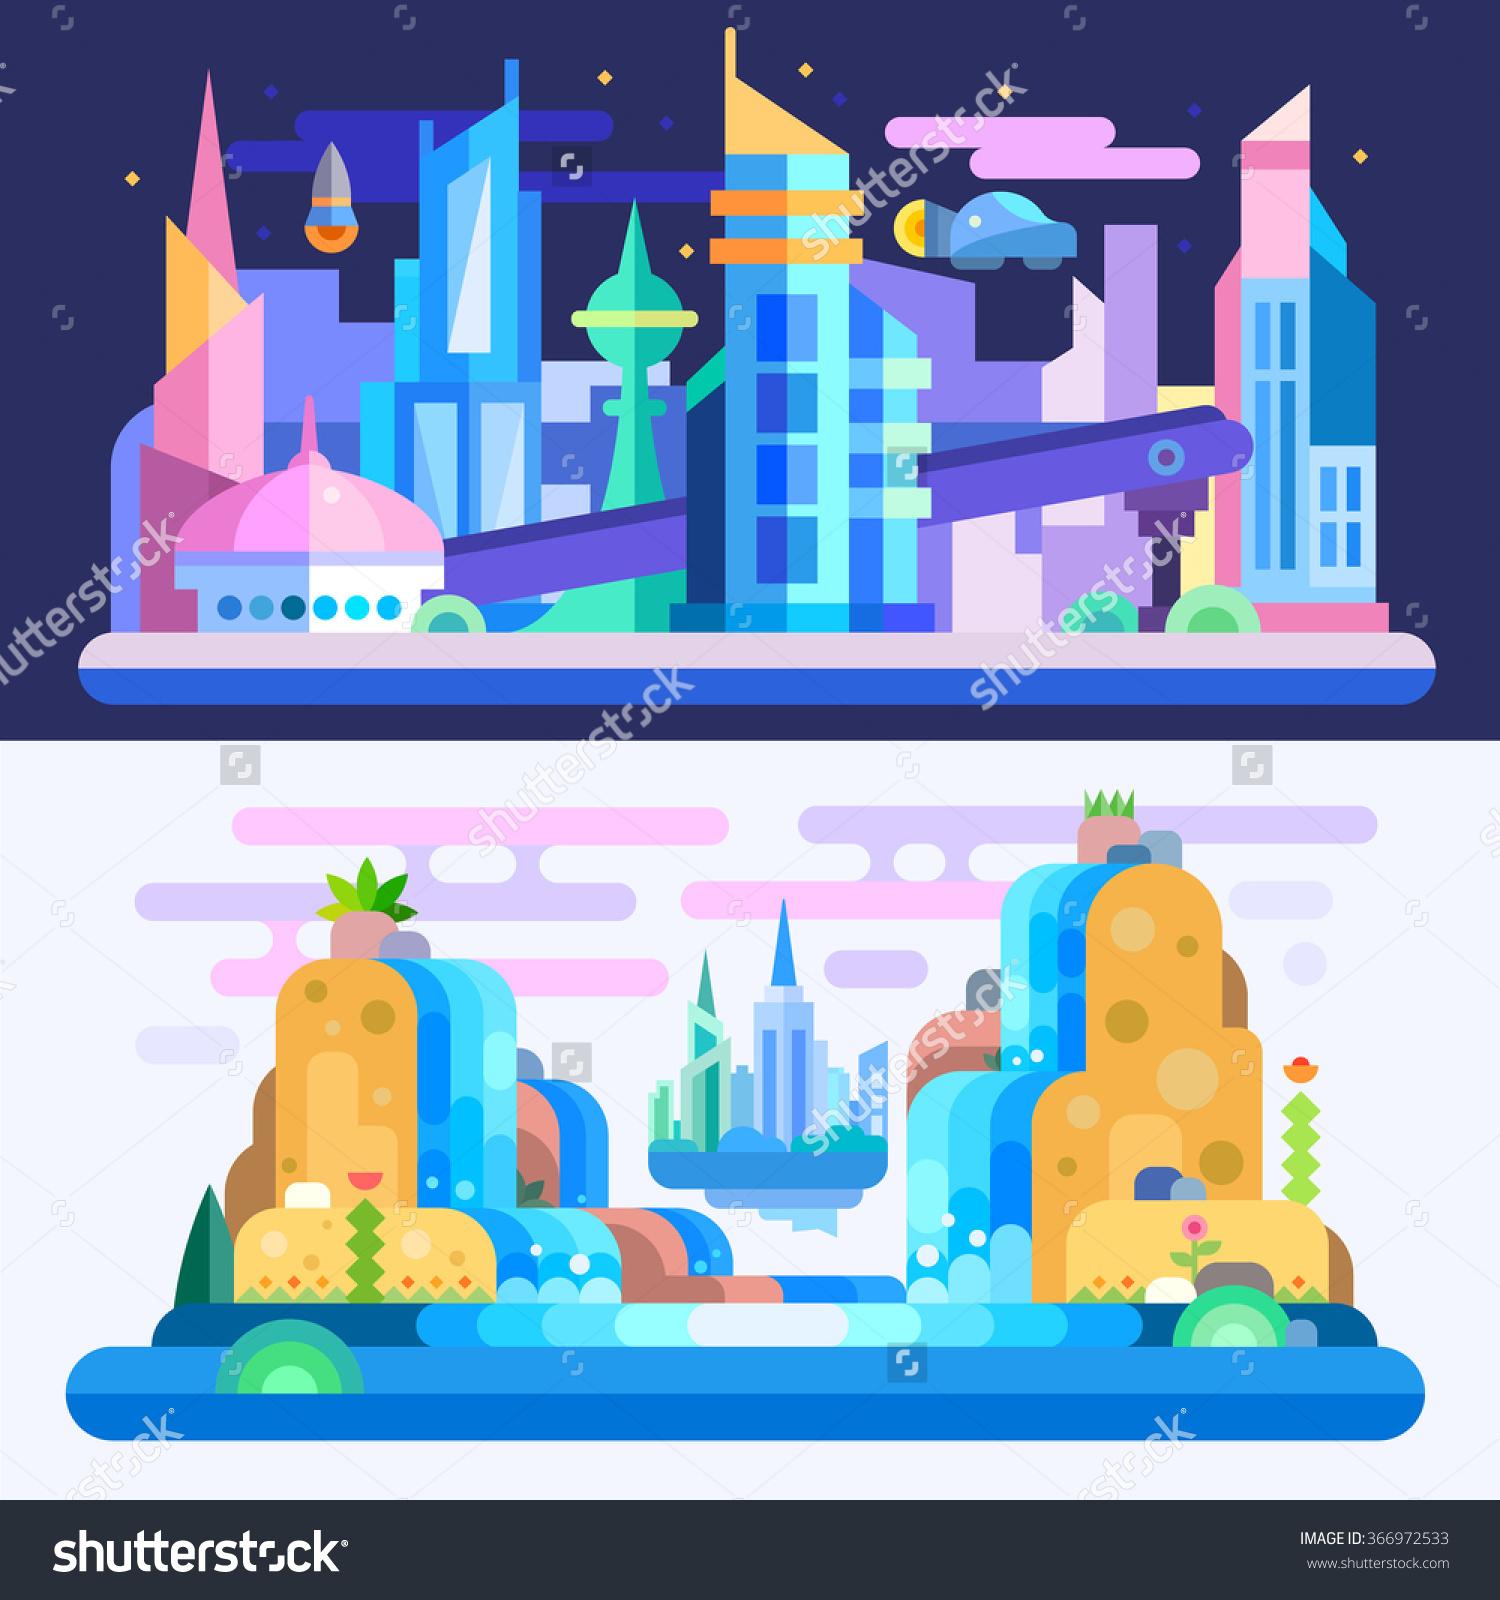 Free Futuristic City Cliparts, Download Free Clip Art, Free.